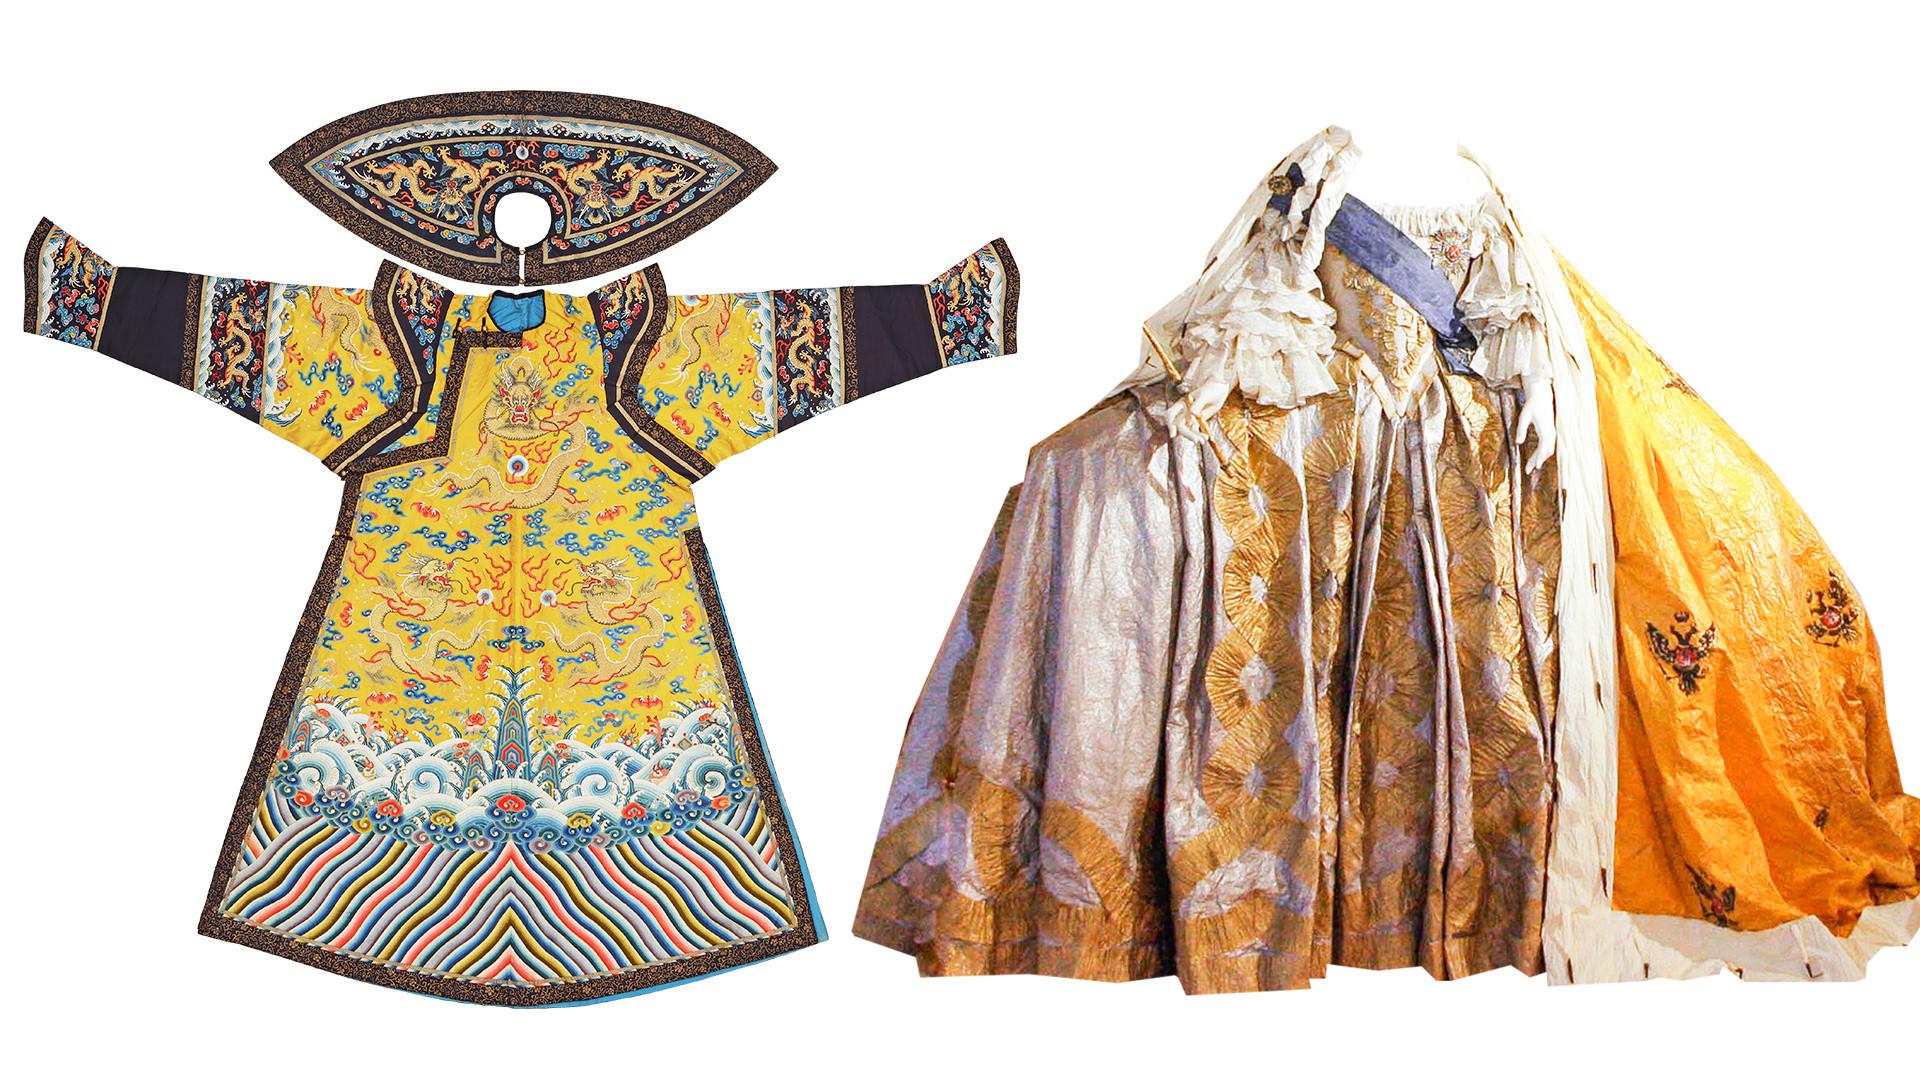 Вляво: роклята на императрицата. Династия Цин. Вдясно: одежди от коронясване  (най-вероятно на Елисавета Петровна)